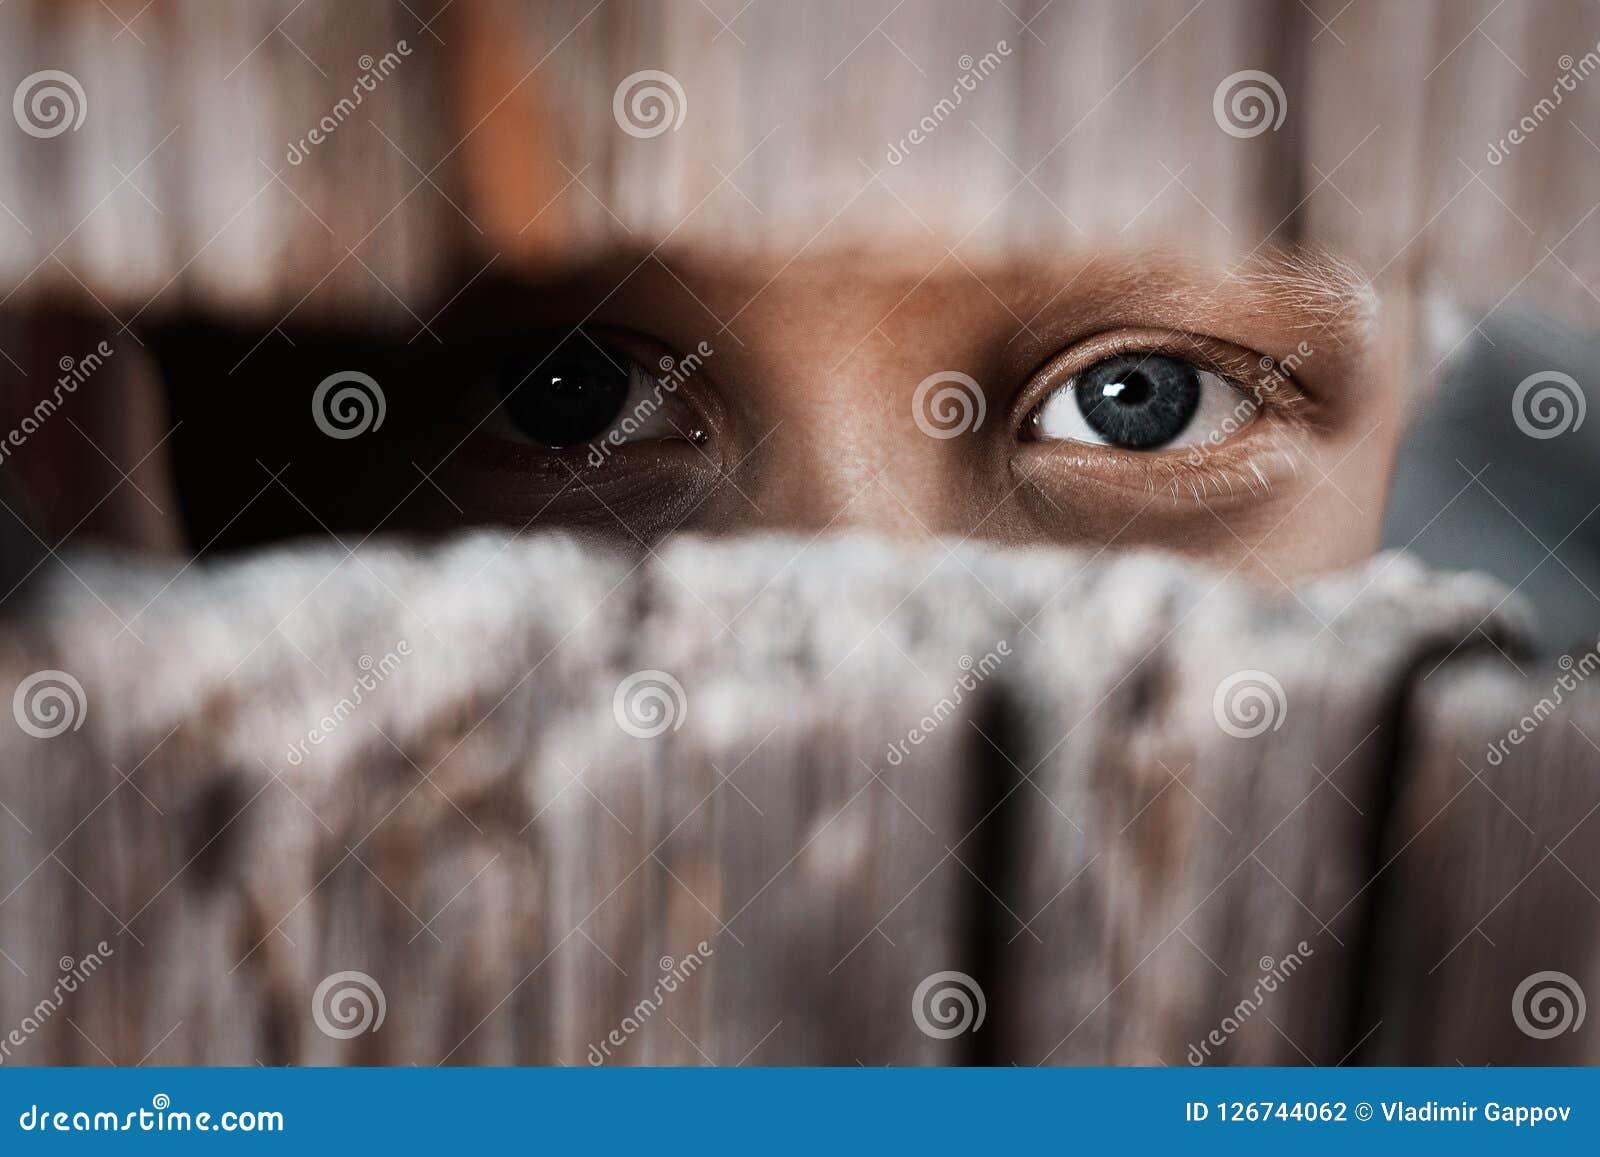 Chłopiec spojrzenia przez przerwy w ogrodzeniu Pojęcie voyeurism, ciekawość, prześladowca, inwigilacja i ochrona,